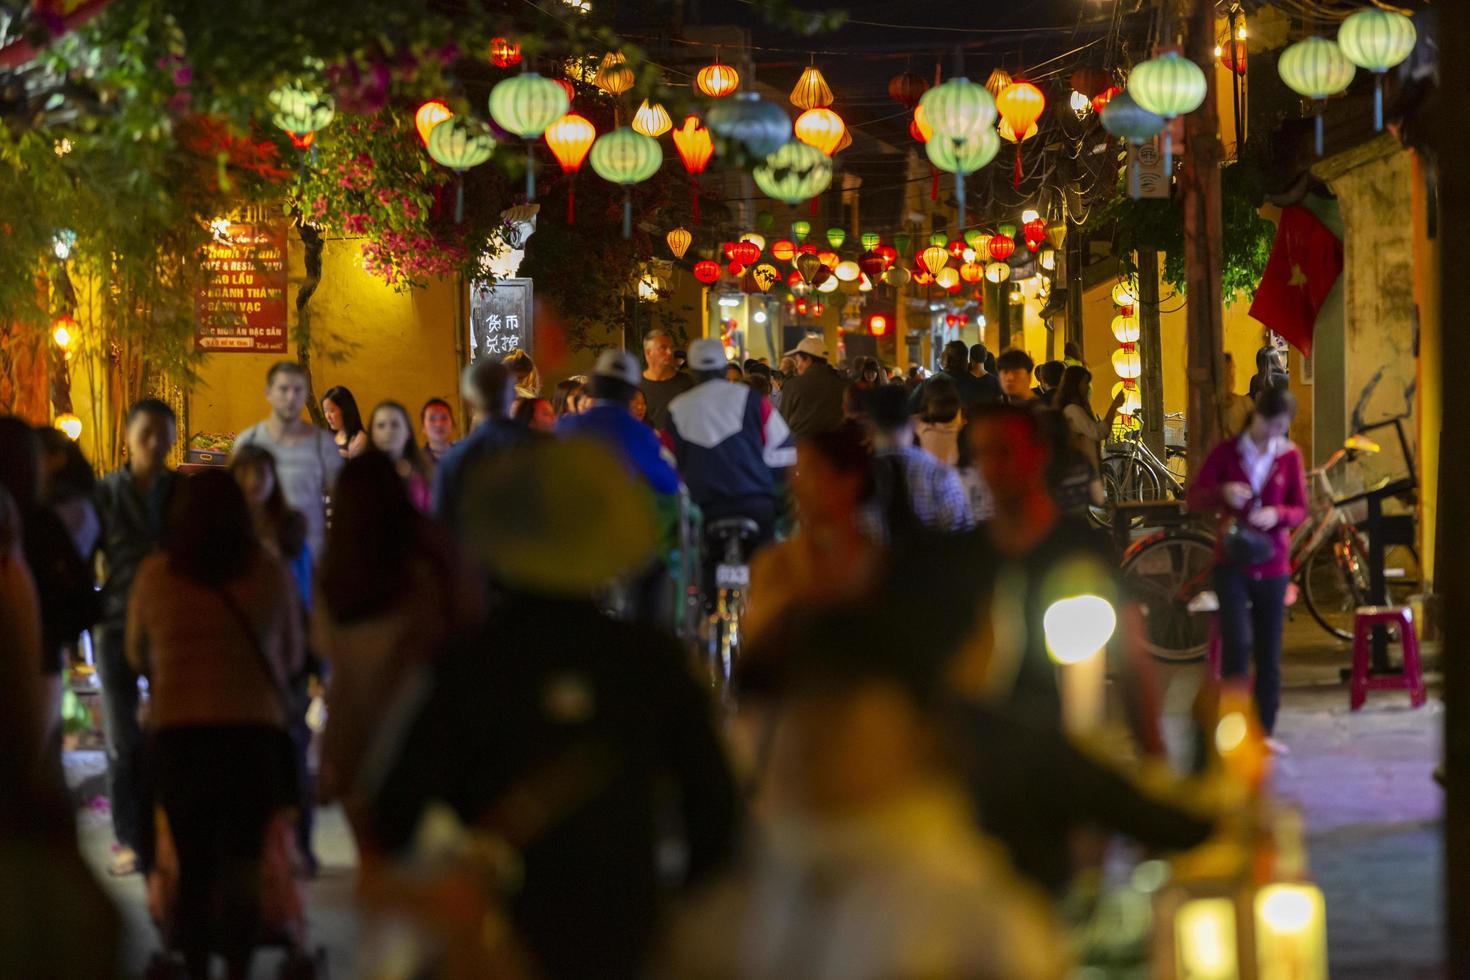 hoi an, vietnam, 2016-menschen gehen nachts durch die straßen foto